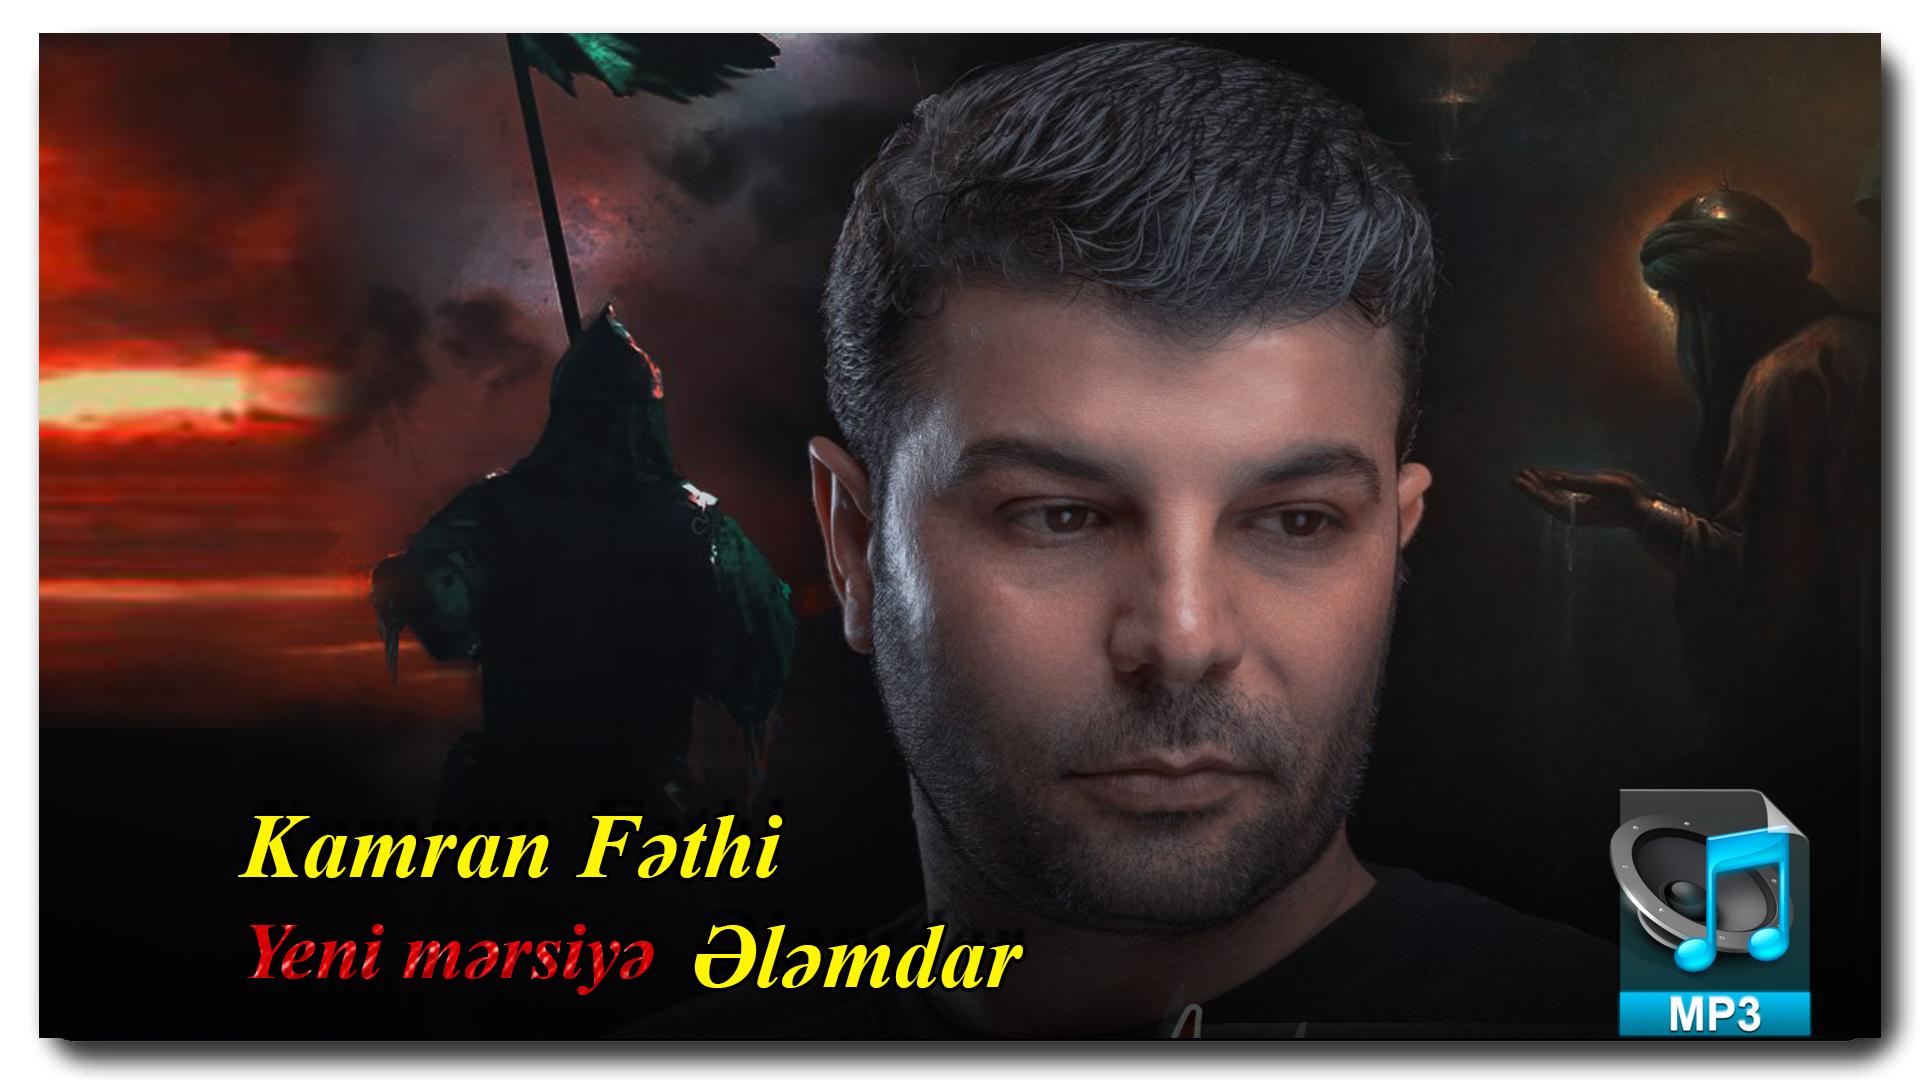 Yeni Mərsiyə | Kamran Fəthi | Ələmdar |İlkdəfə YA-ƏLİ saytında|